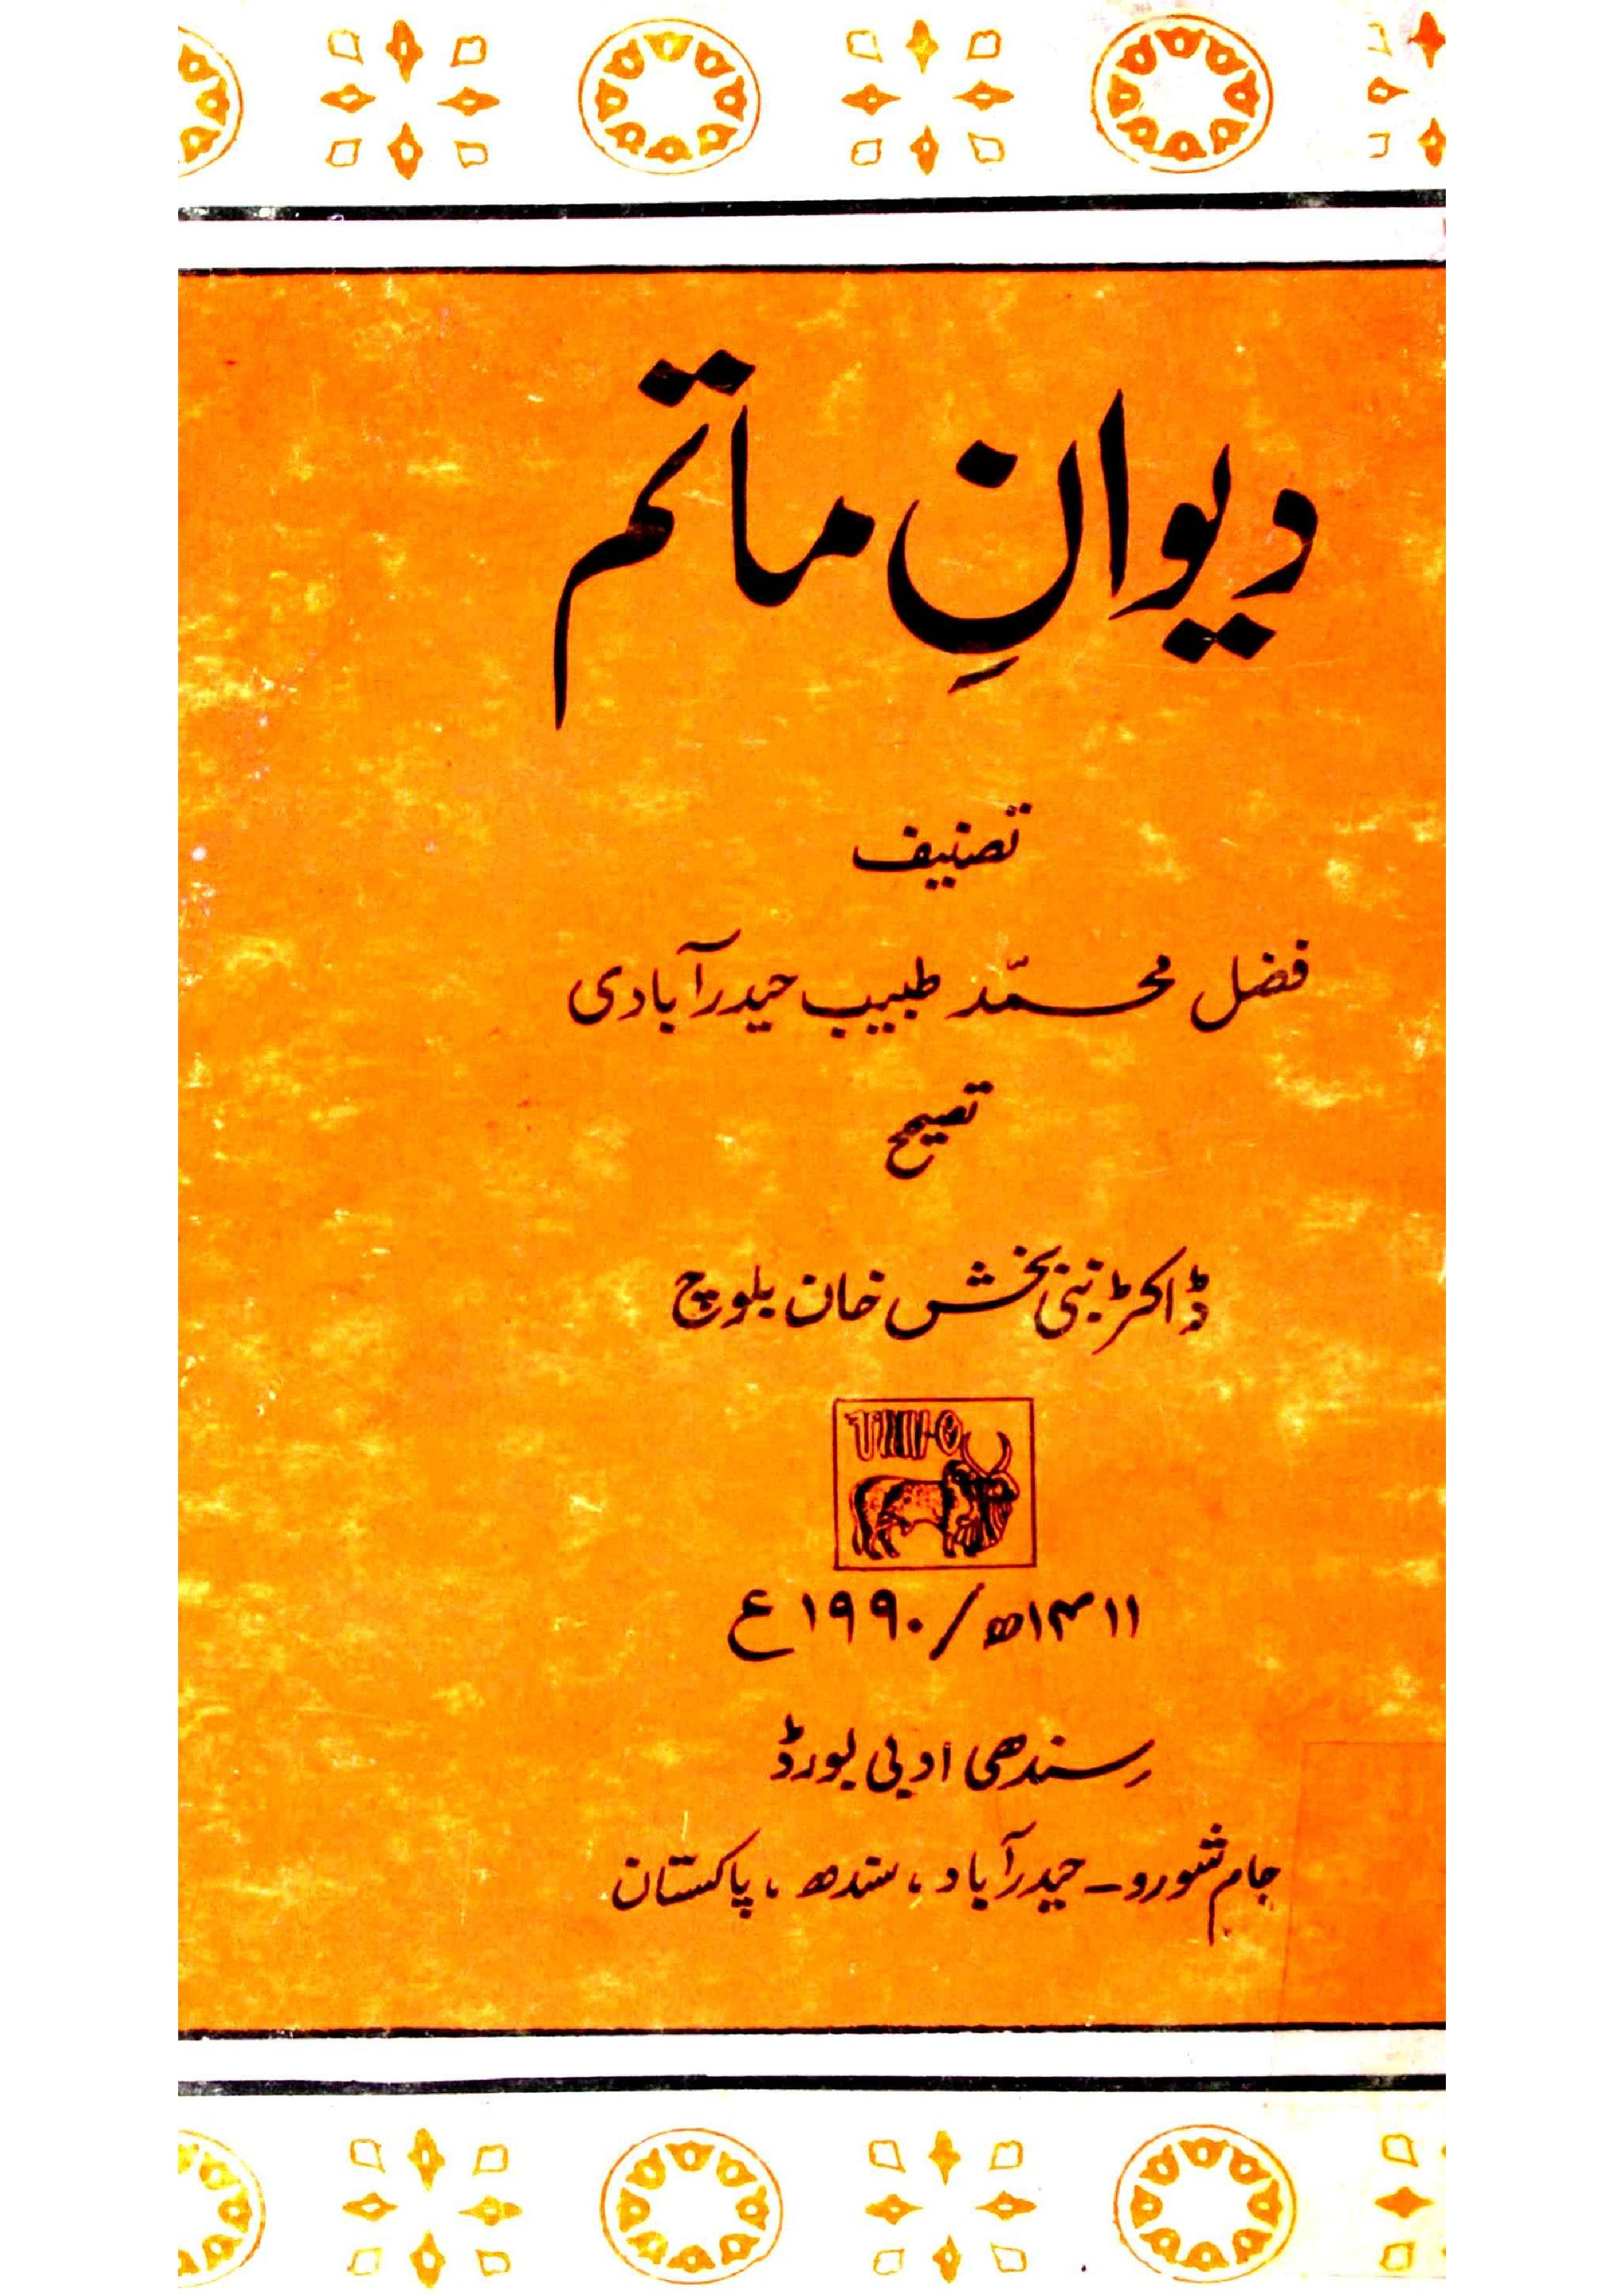 Deewan-e-Matam     Deewan-e-Urdu